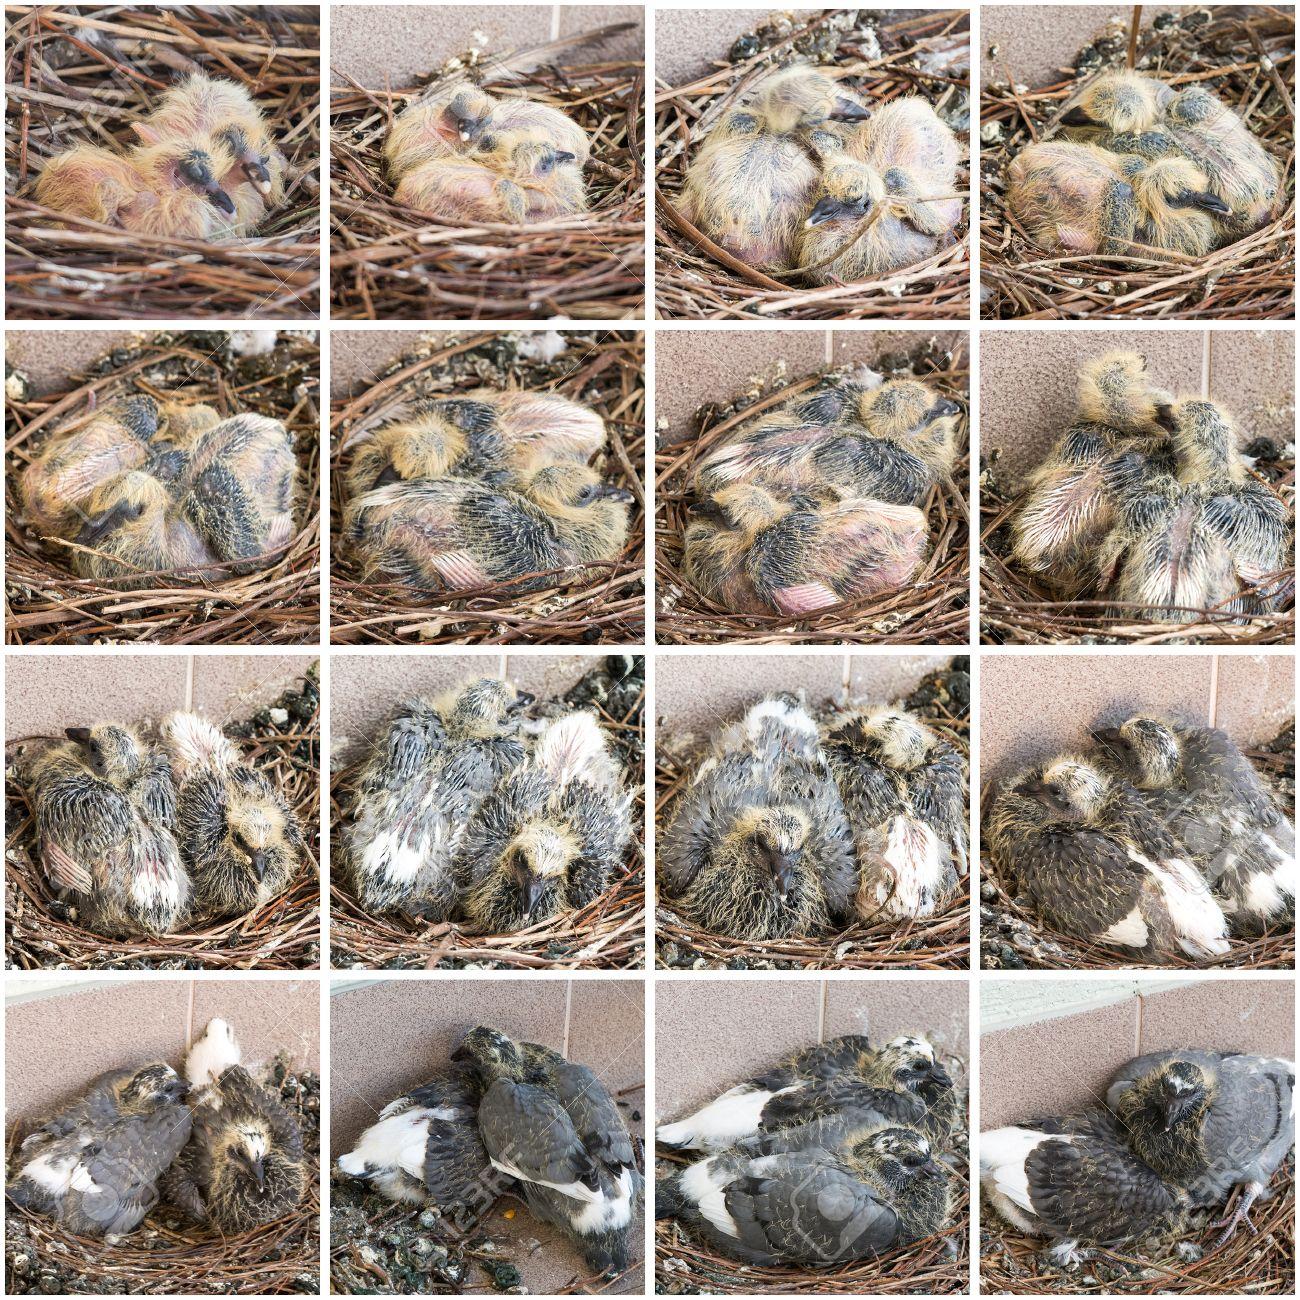 37923820-tapes-de-la-croissance-des-poussins-pigeons-de-la-naissance-à-2-semaines.jpg